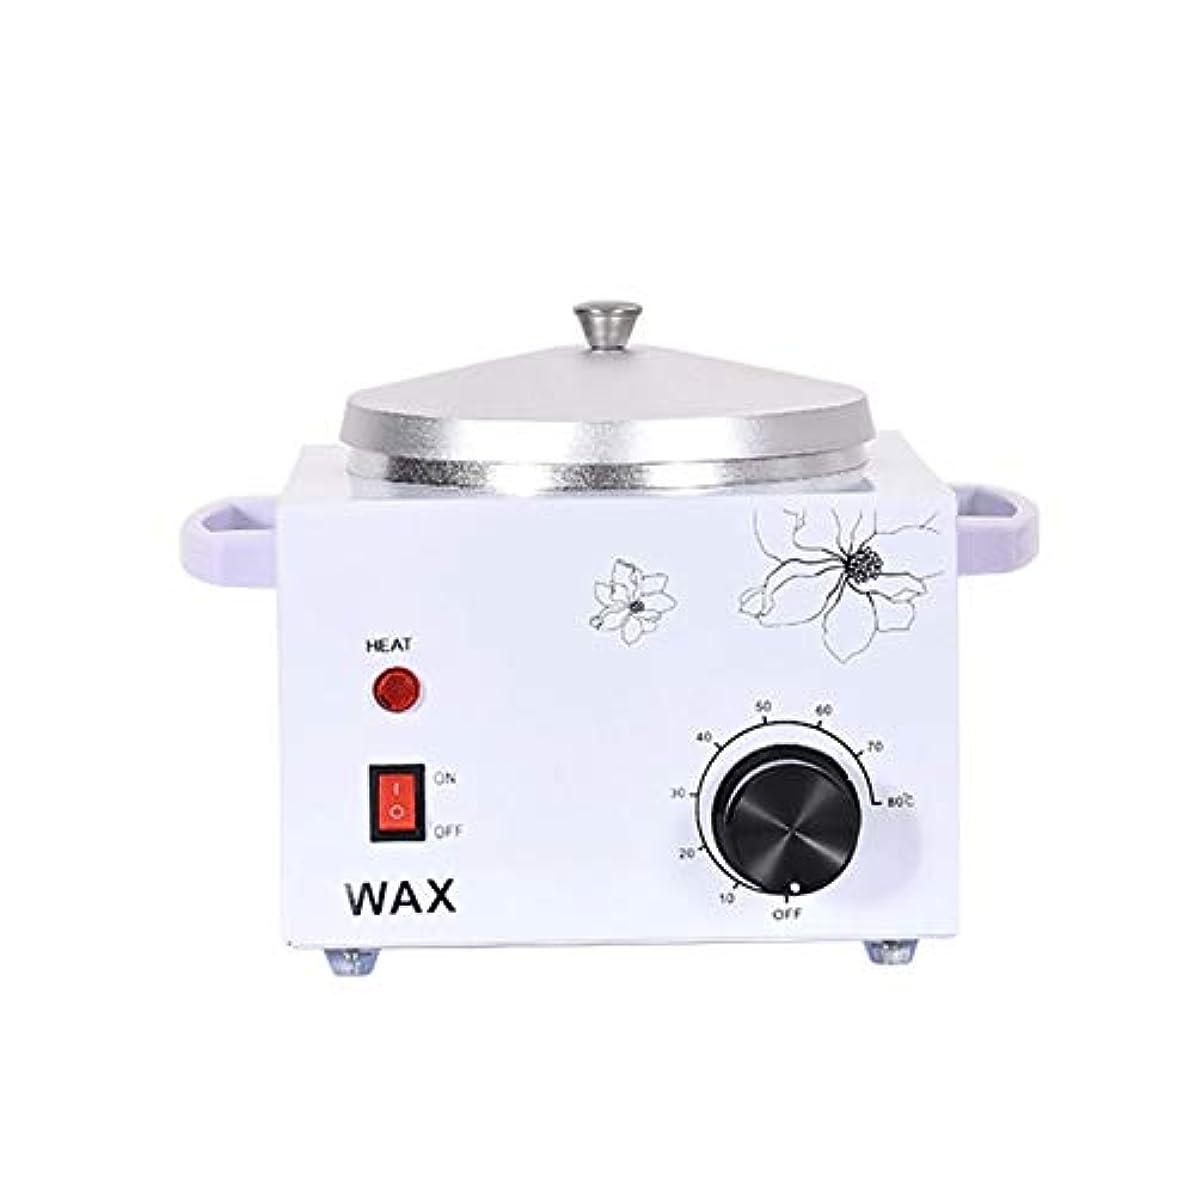 メタン商業の富豪プロフェッショナル電気ワックスウォーマーヒーター美容室ワックスポット多機能シングル口の炉内温度制御脱毛脱毛ワックスビーンヒーター600ccの